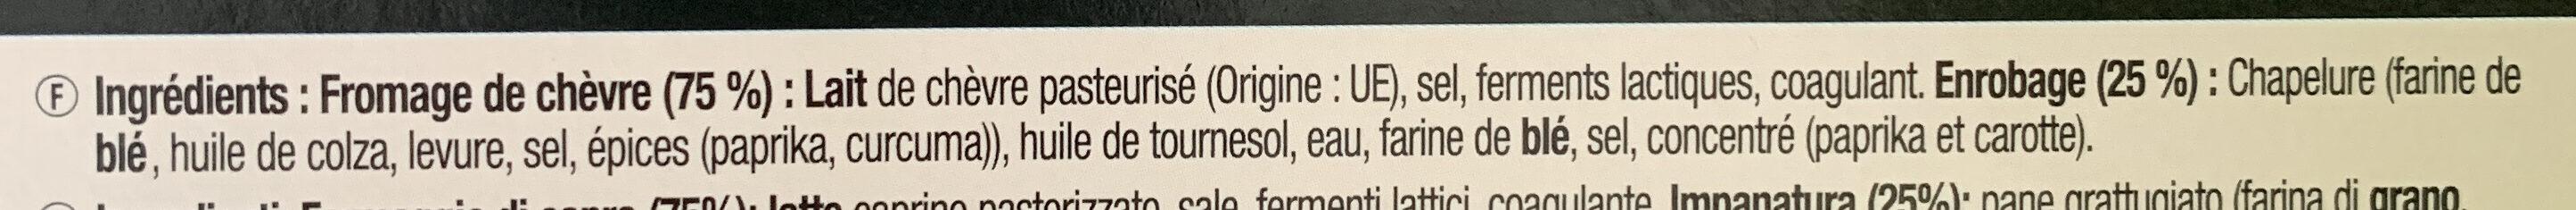 Chevre chaud - Ingrediënten - fr